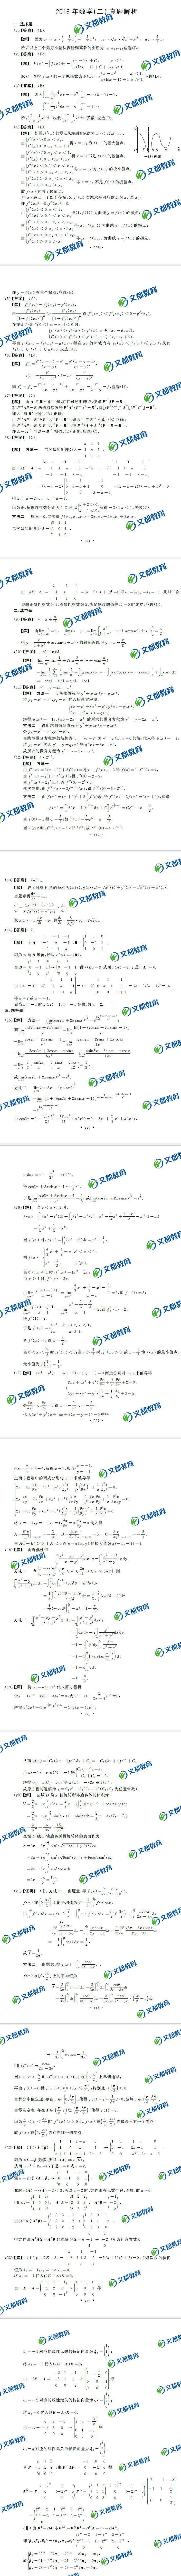 考研数学答案